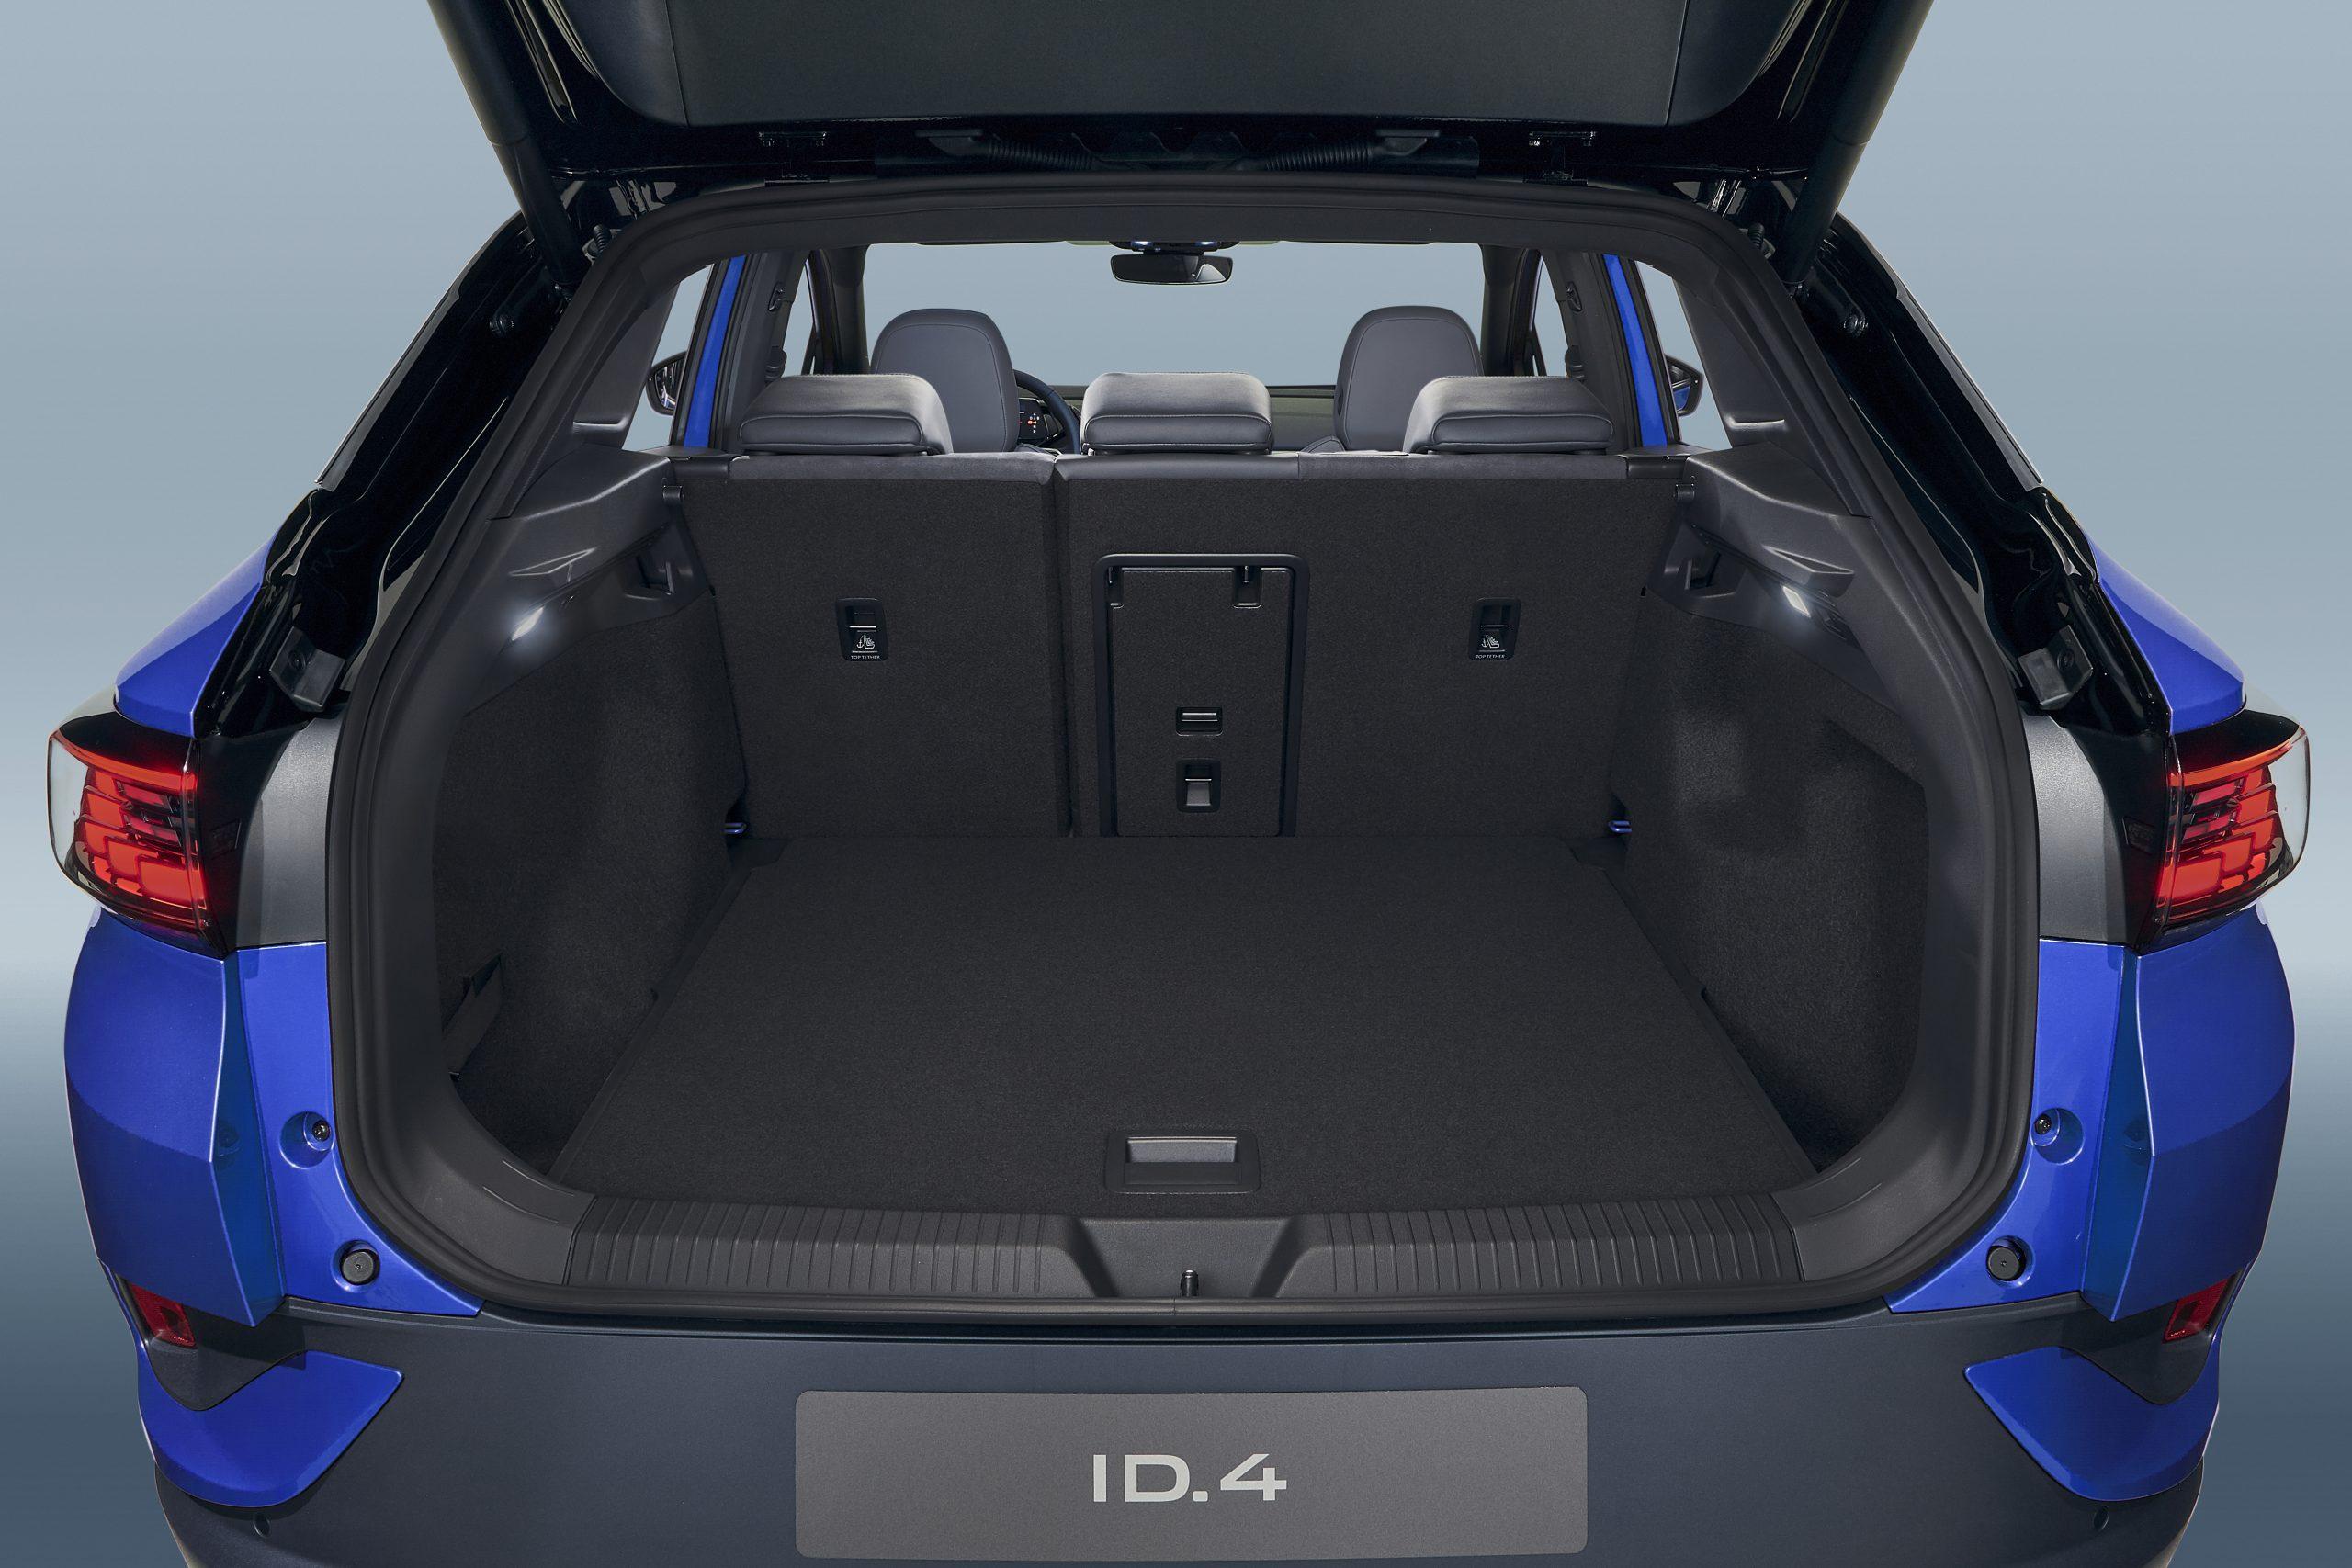 DB2020A2021 VW ID.4 electric SUV rear cargo hatch trunk